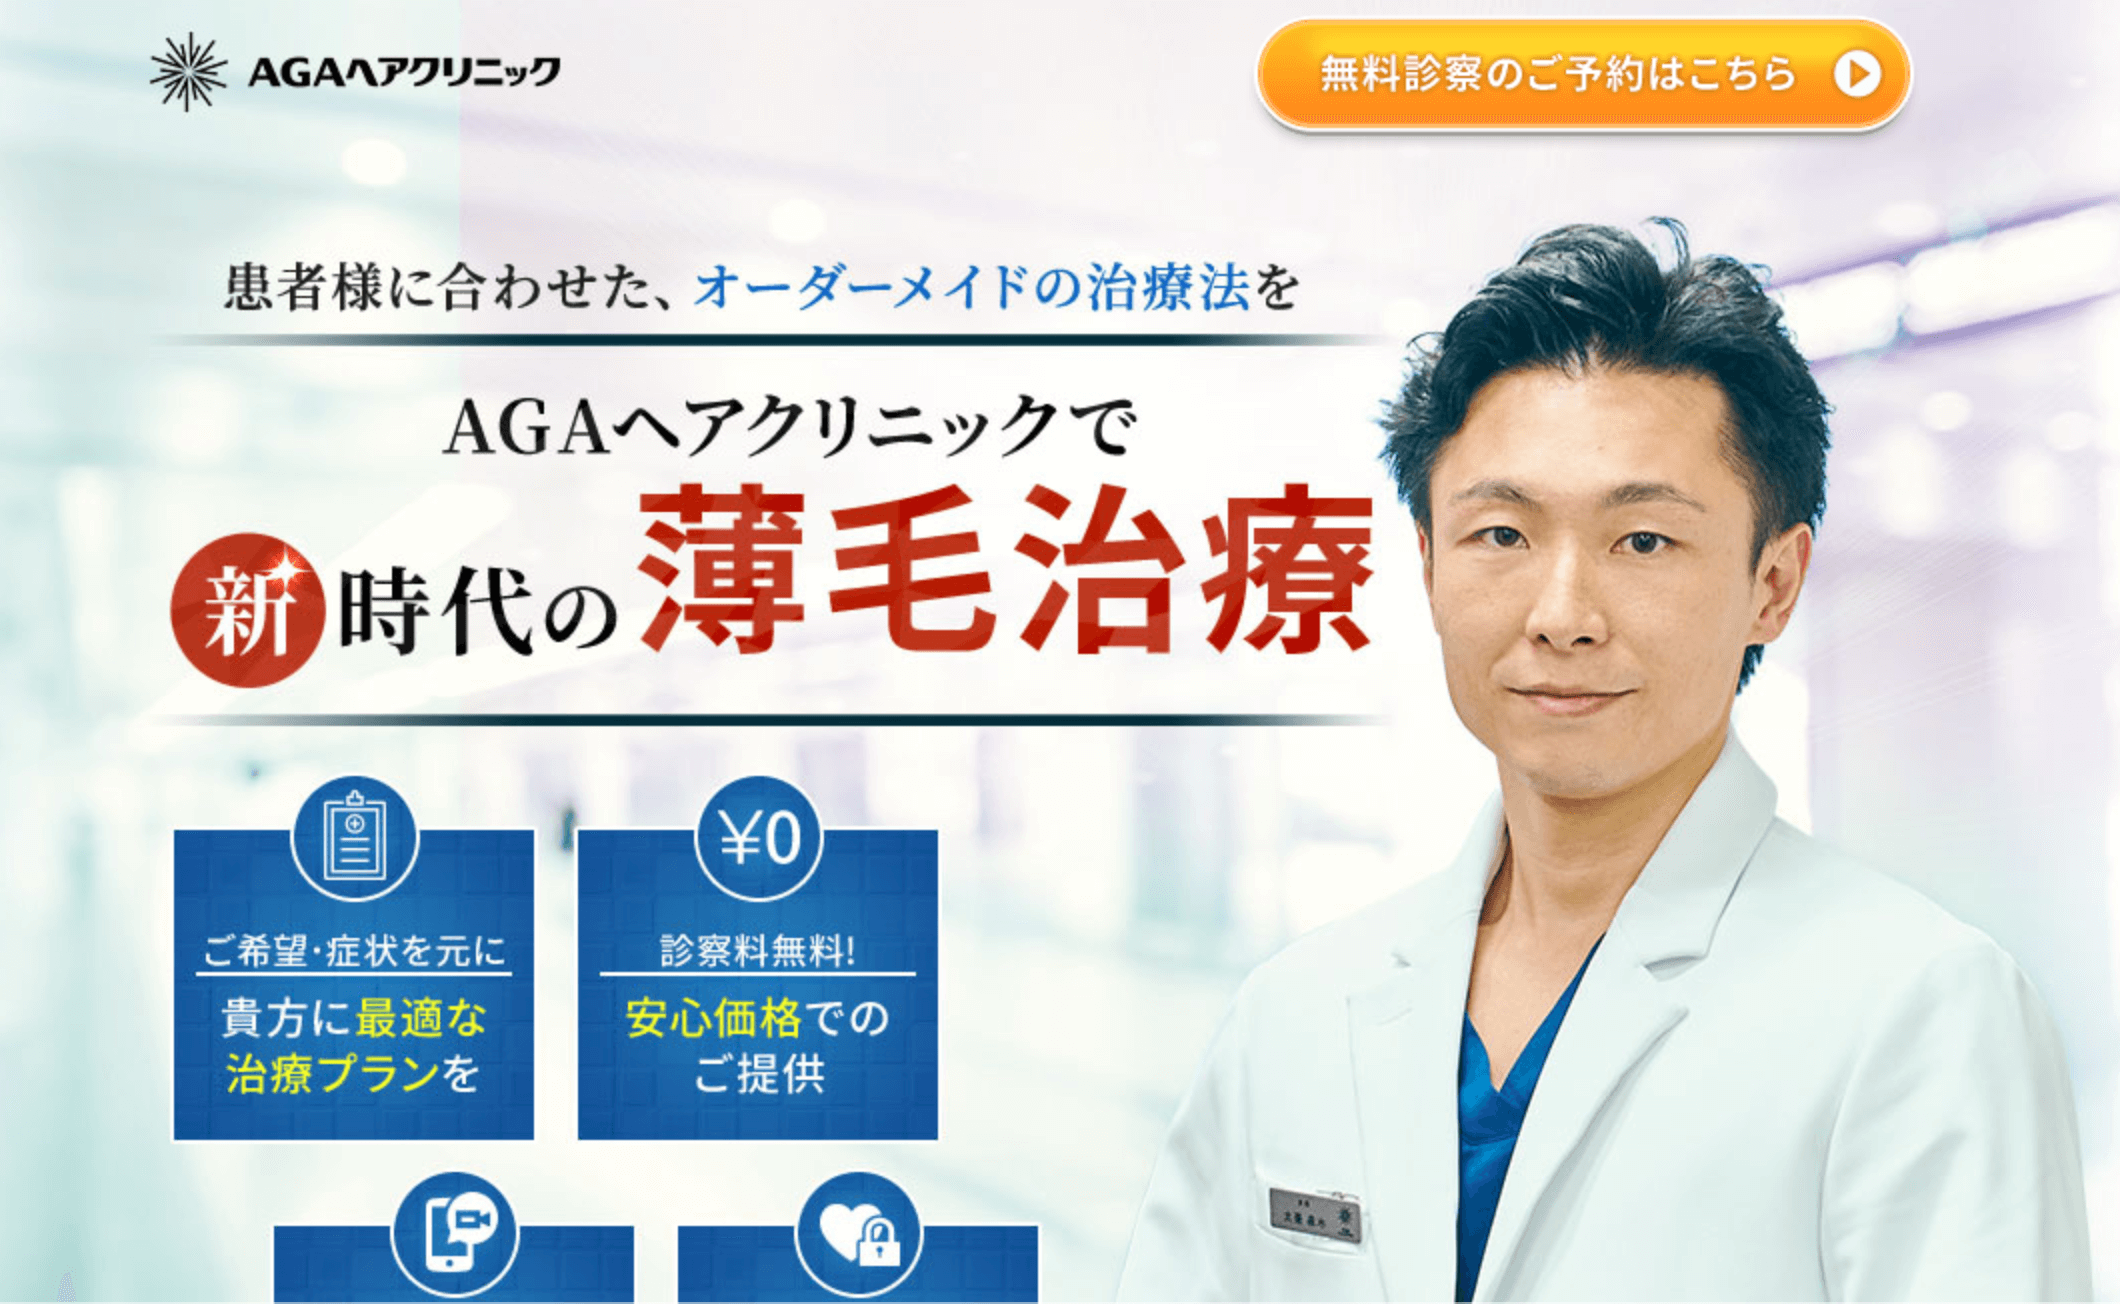 AGAヘアクリニックの公式ページ